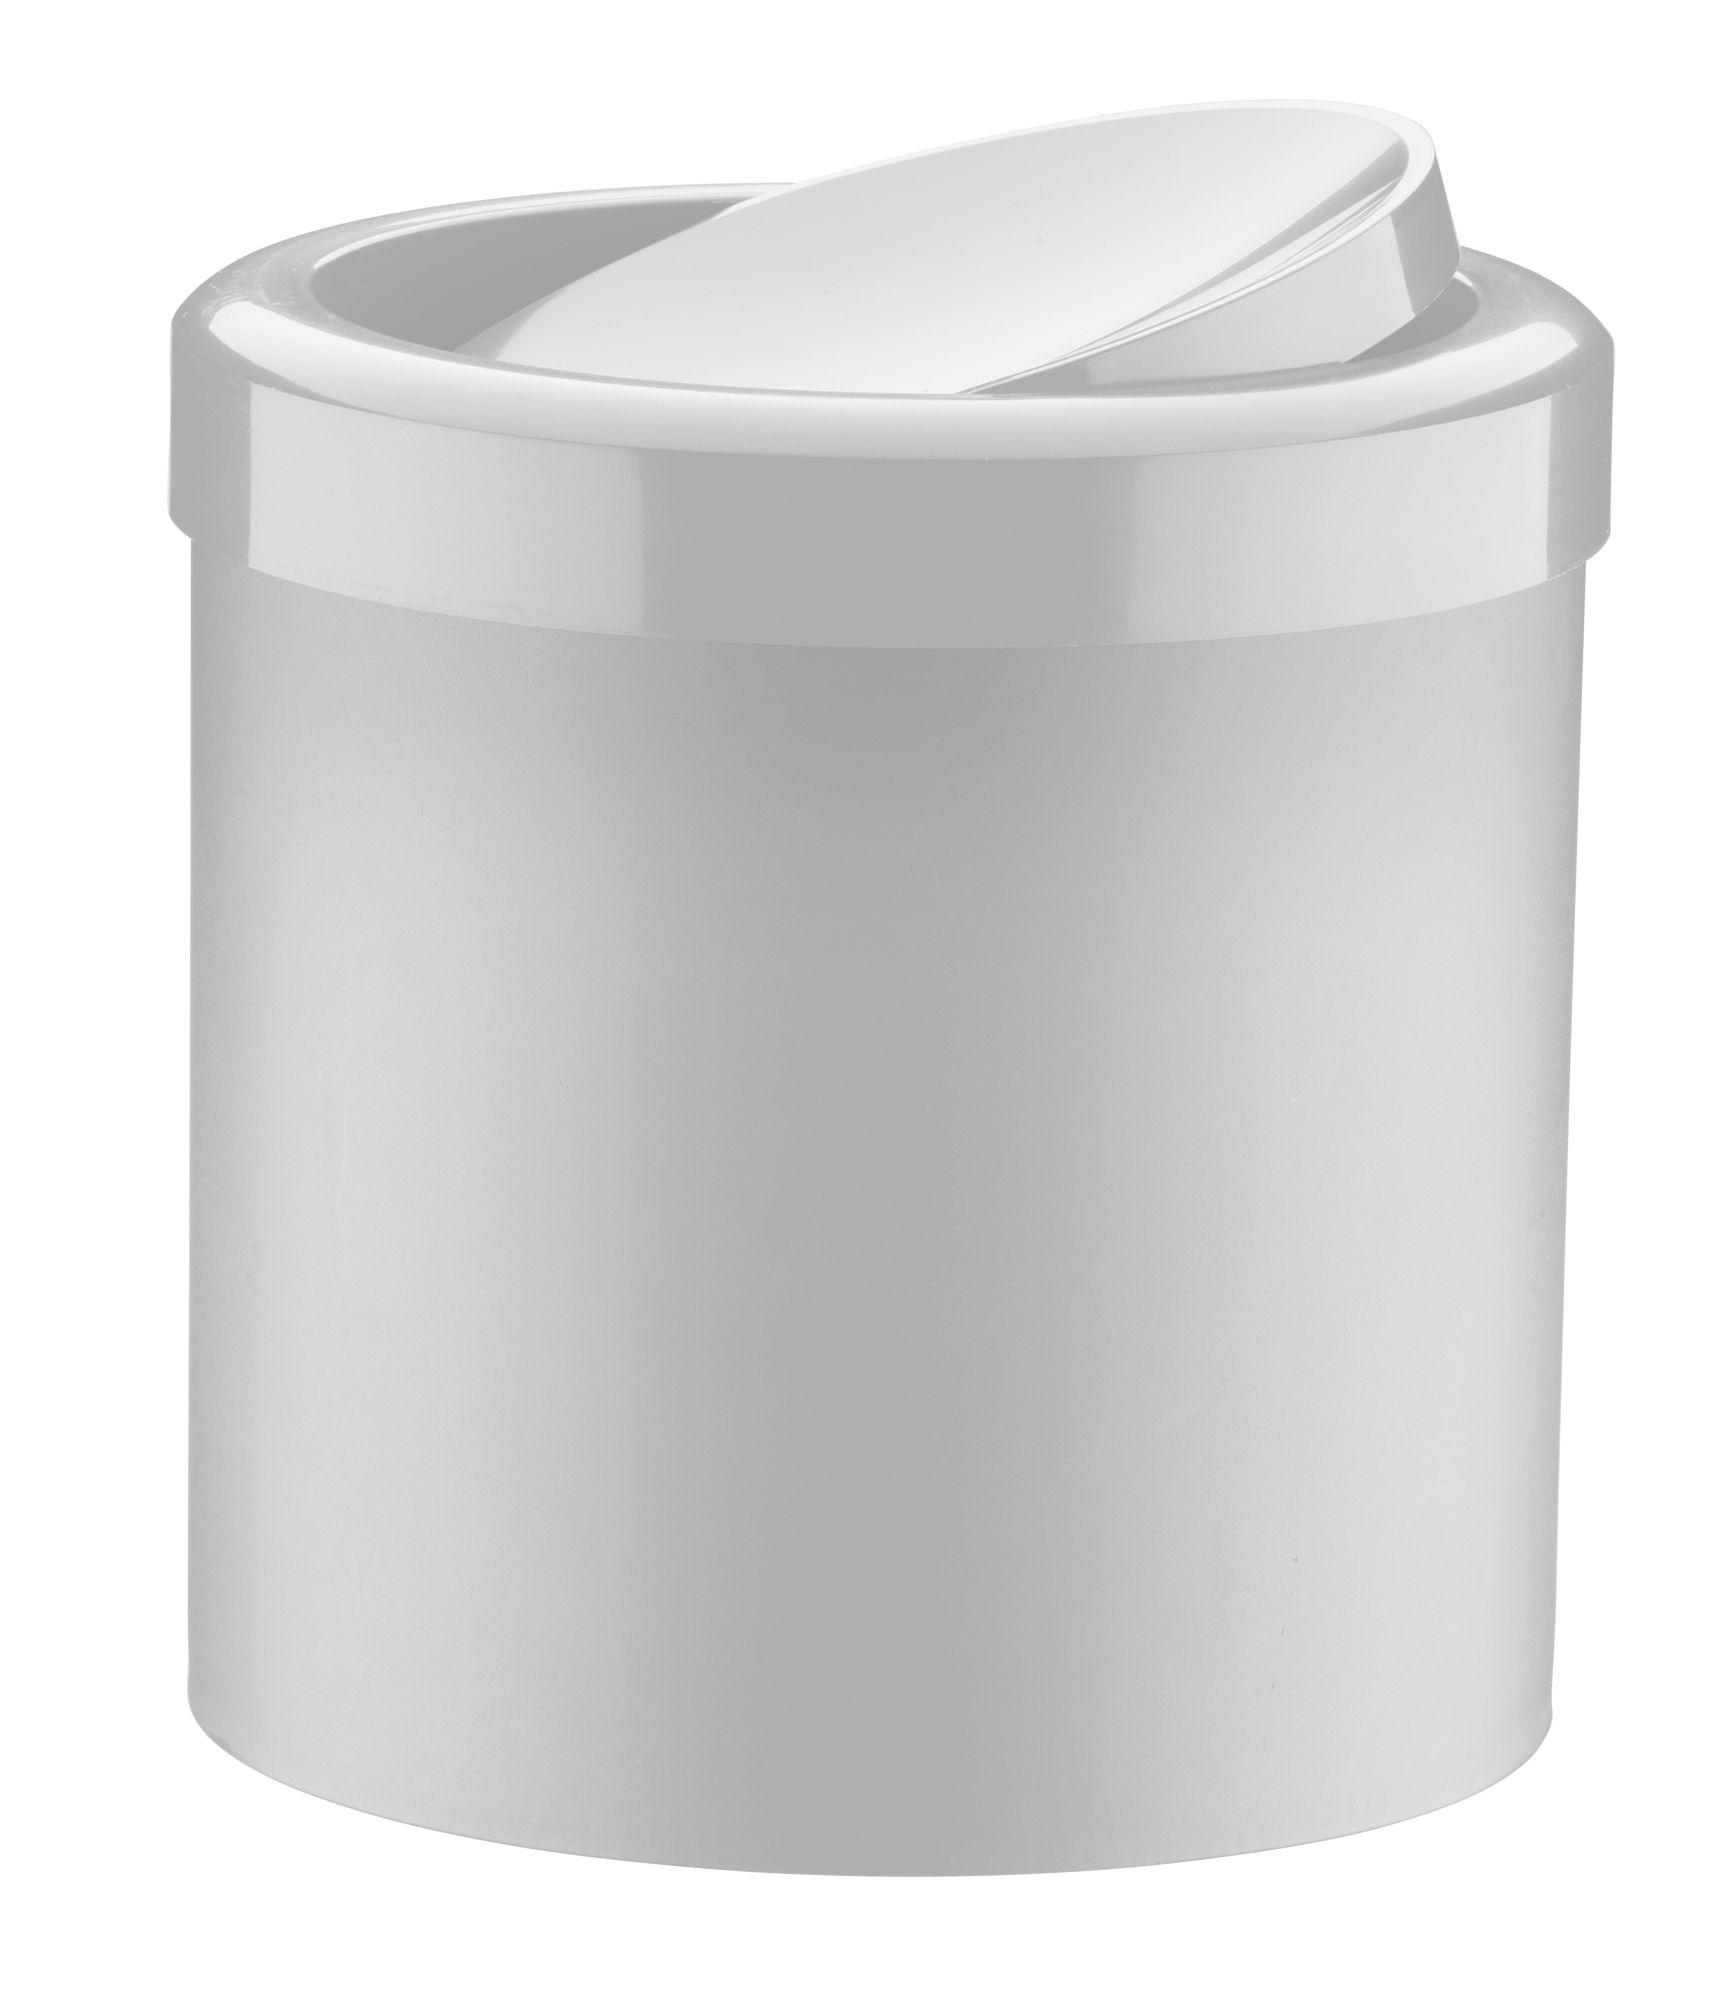 Lixeira Basculante 5 litros Branca